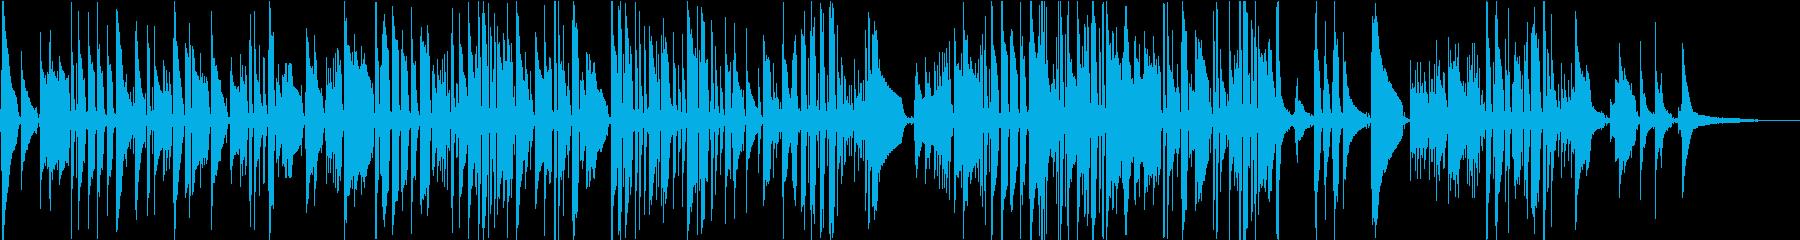 ベートーベンの名曲を引用したソロギターの再生済みの波形